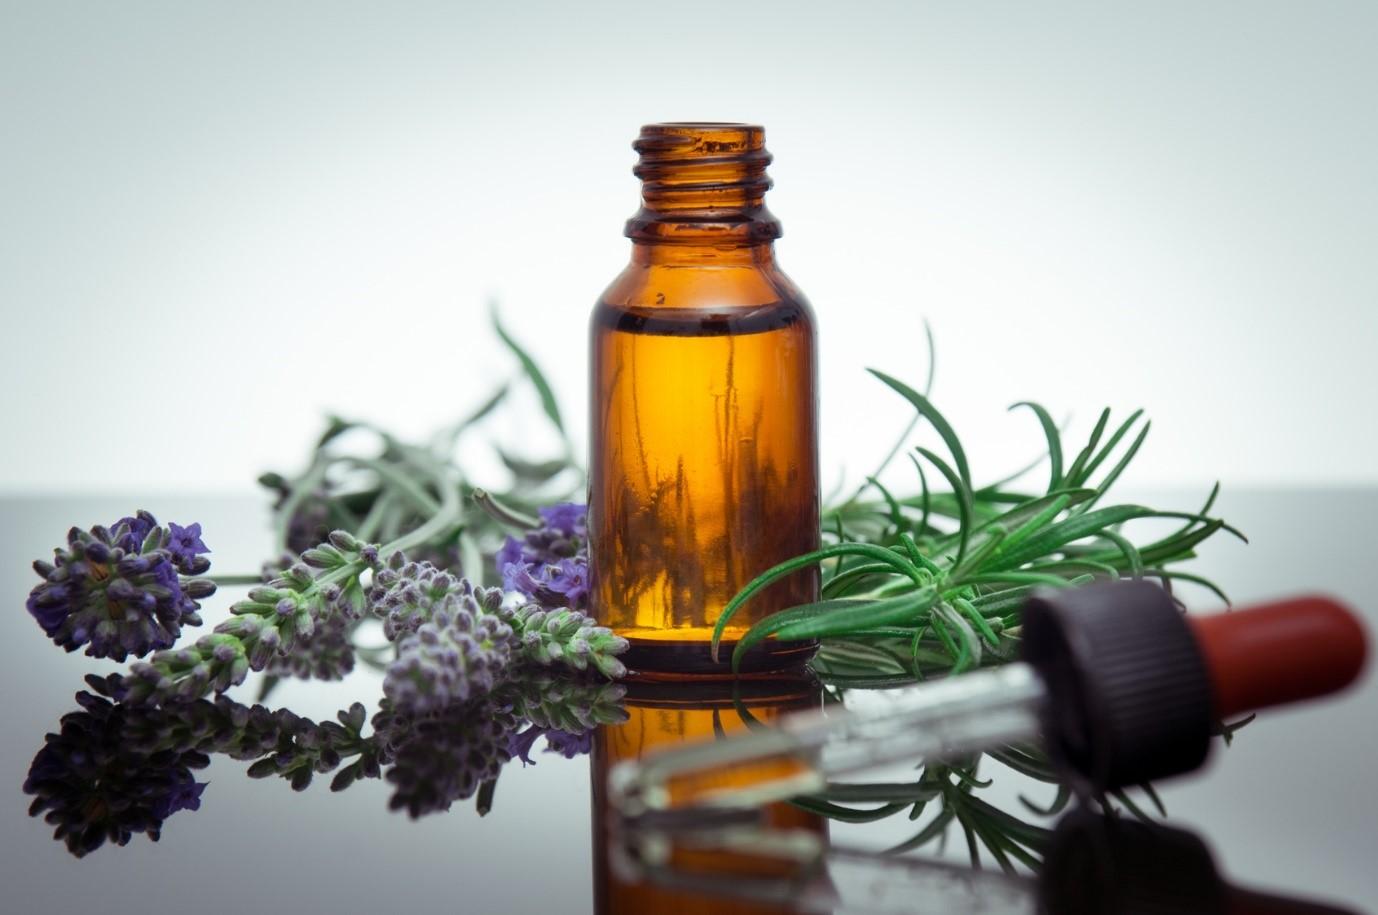 Эфирные масла лечебных растений повышают полезные свойства ингаляции